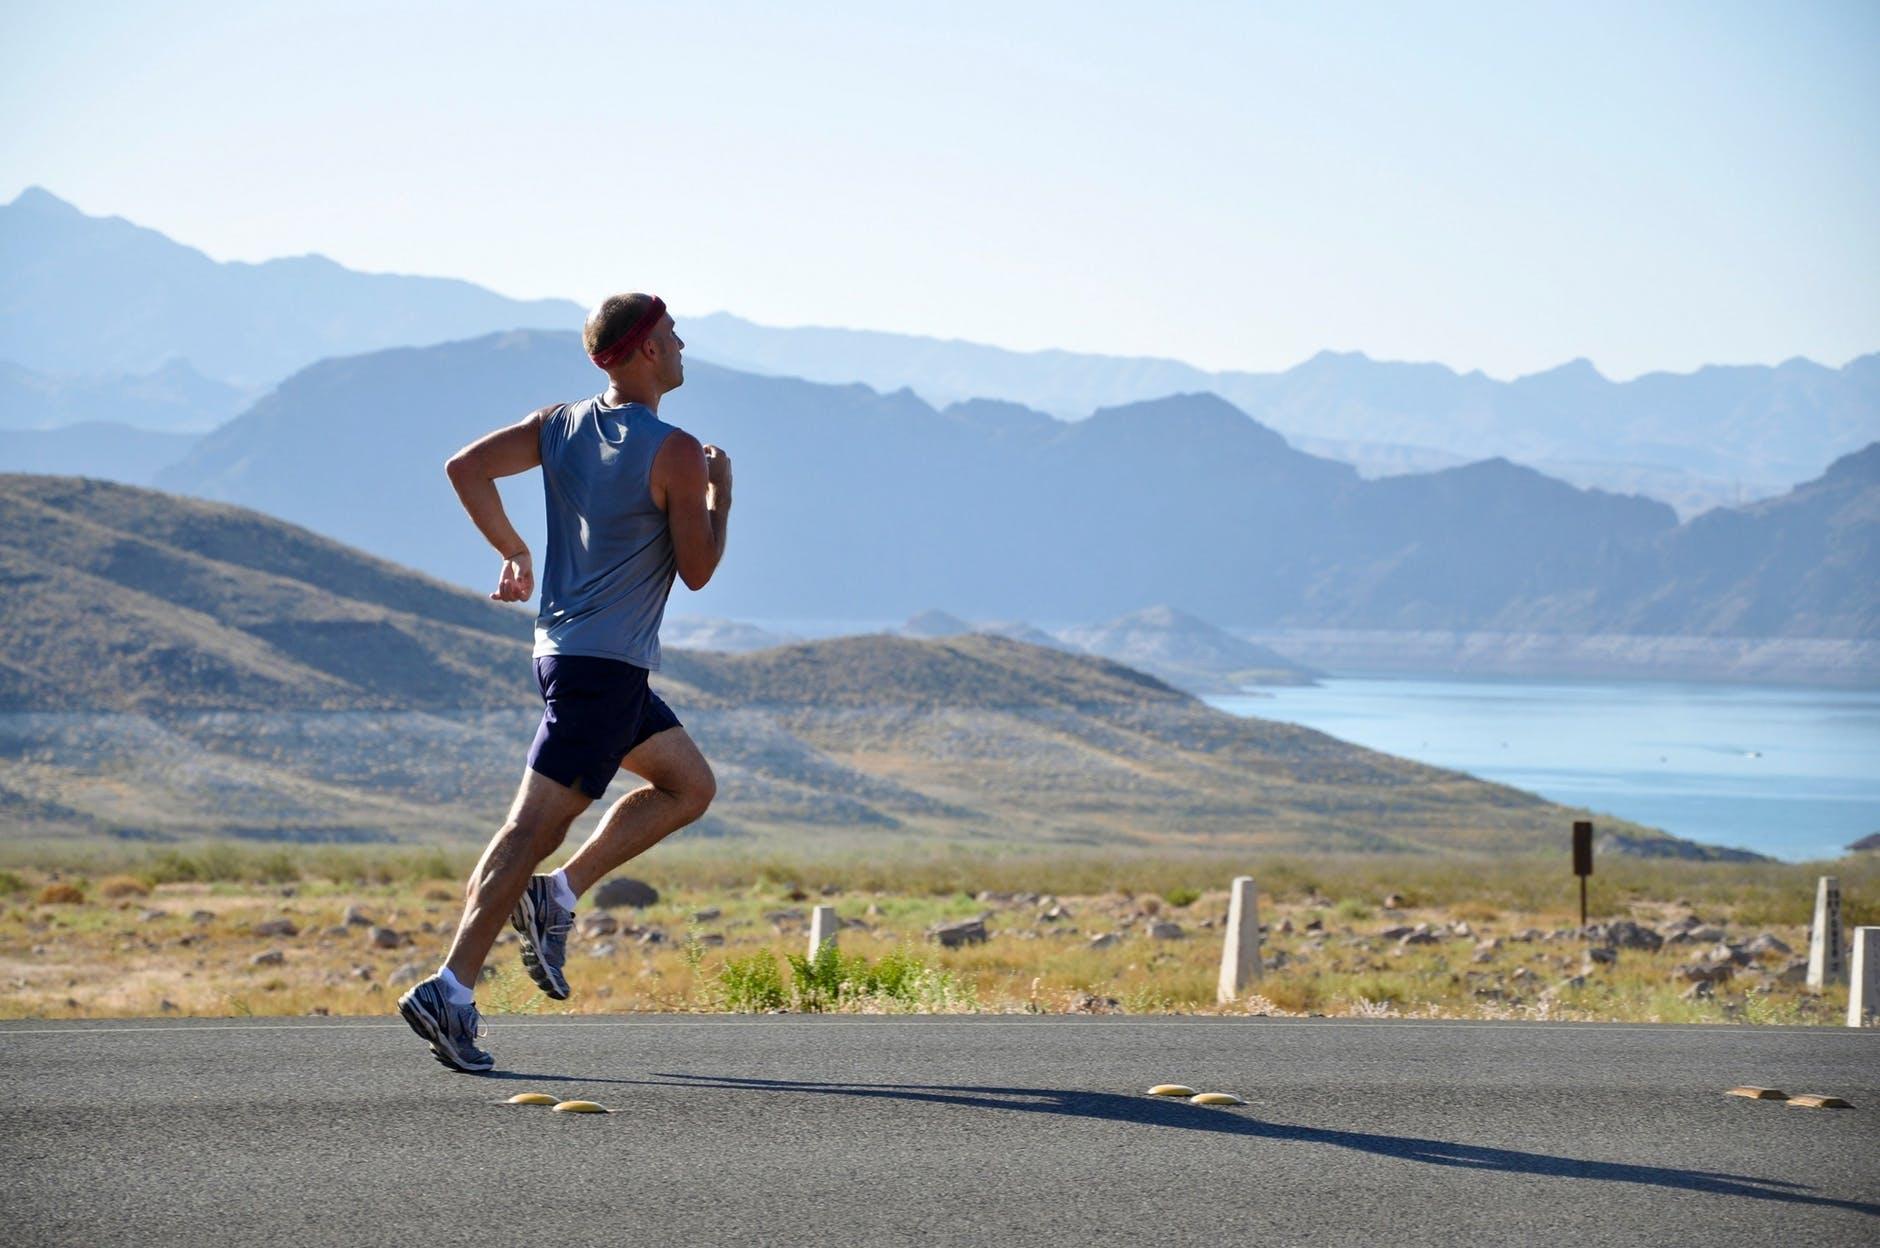 听说至少跑40分钟才减肥,我顶多跑30分钟,怎么办?